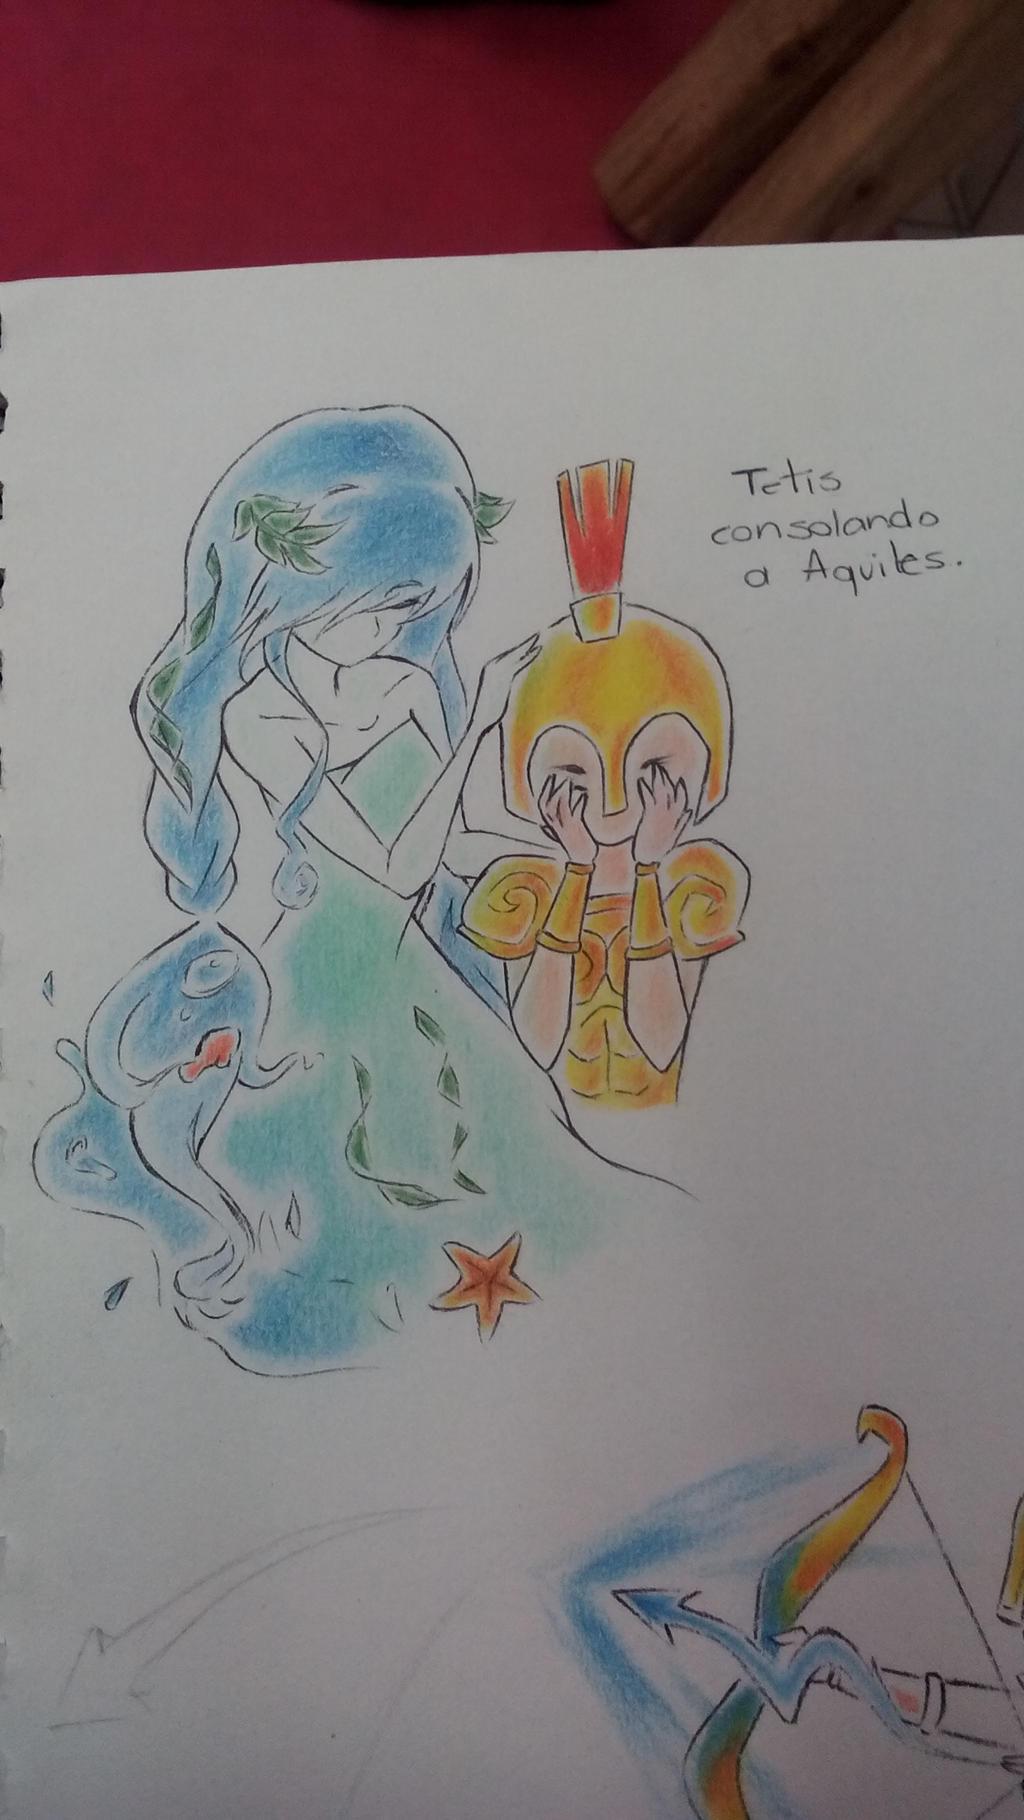 Tetis by Katsuya1100